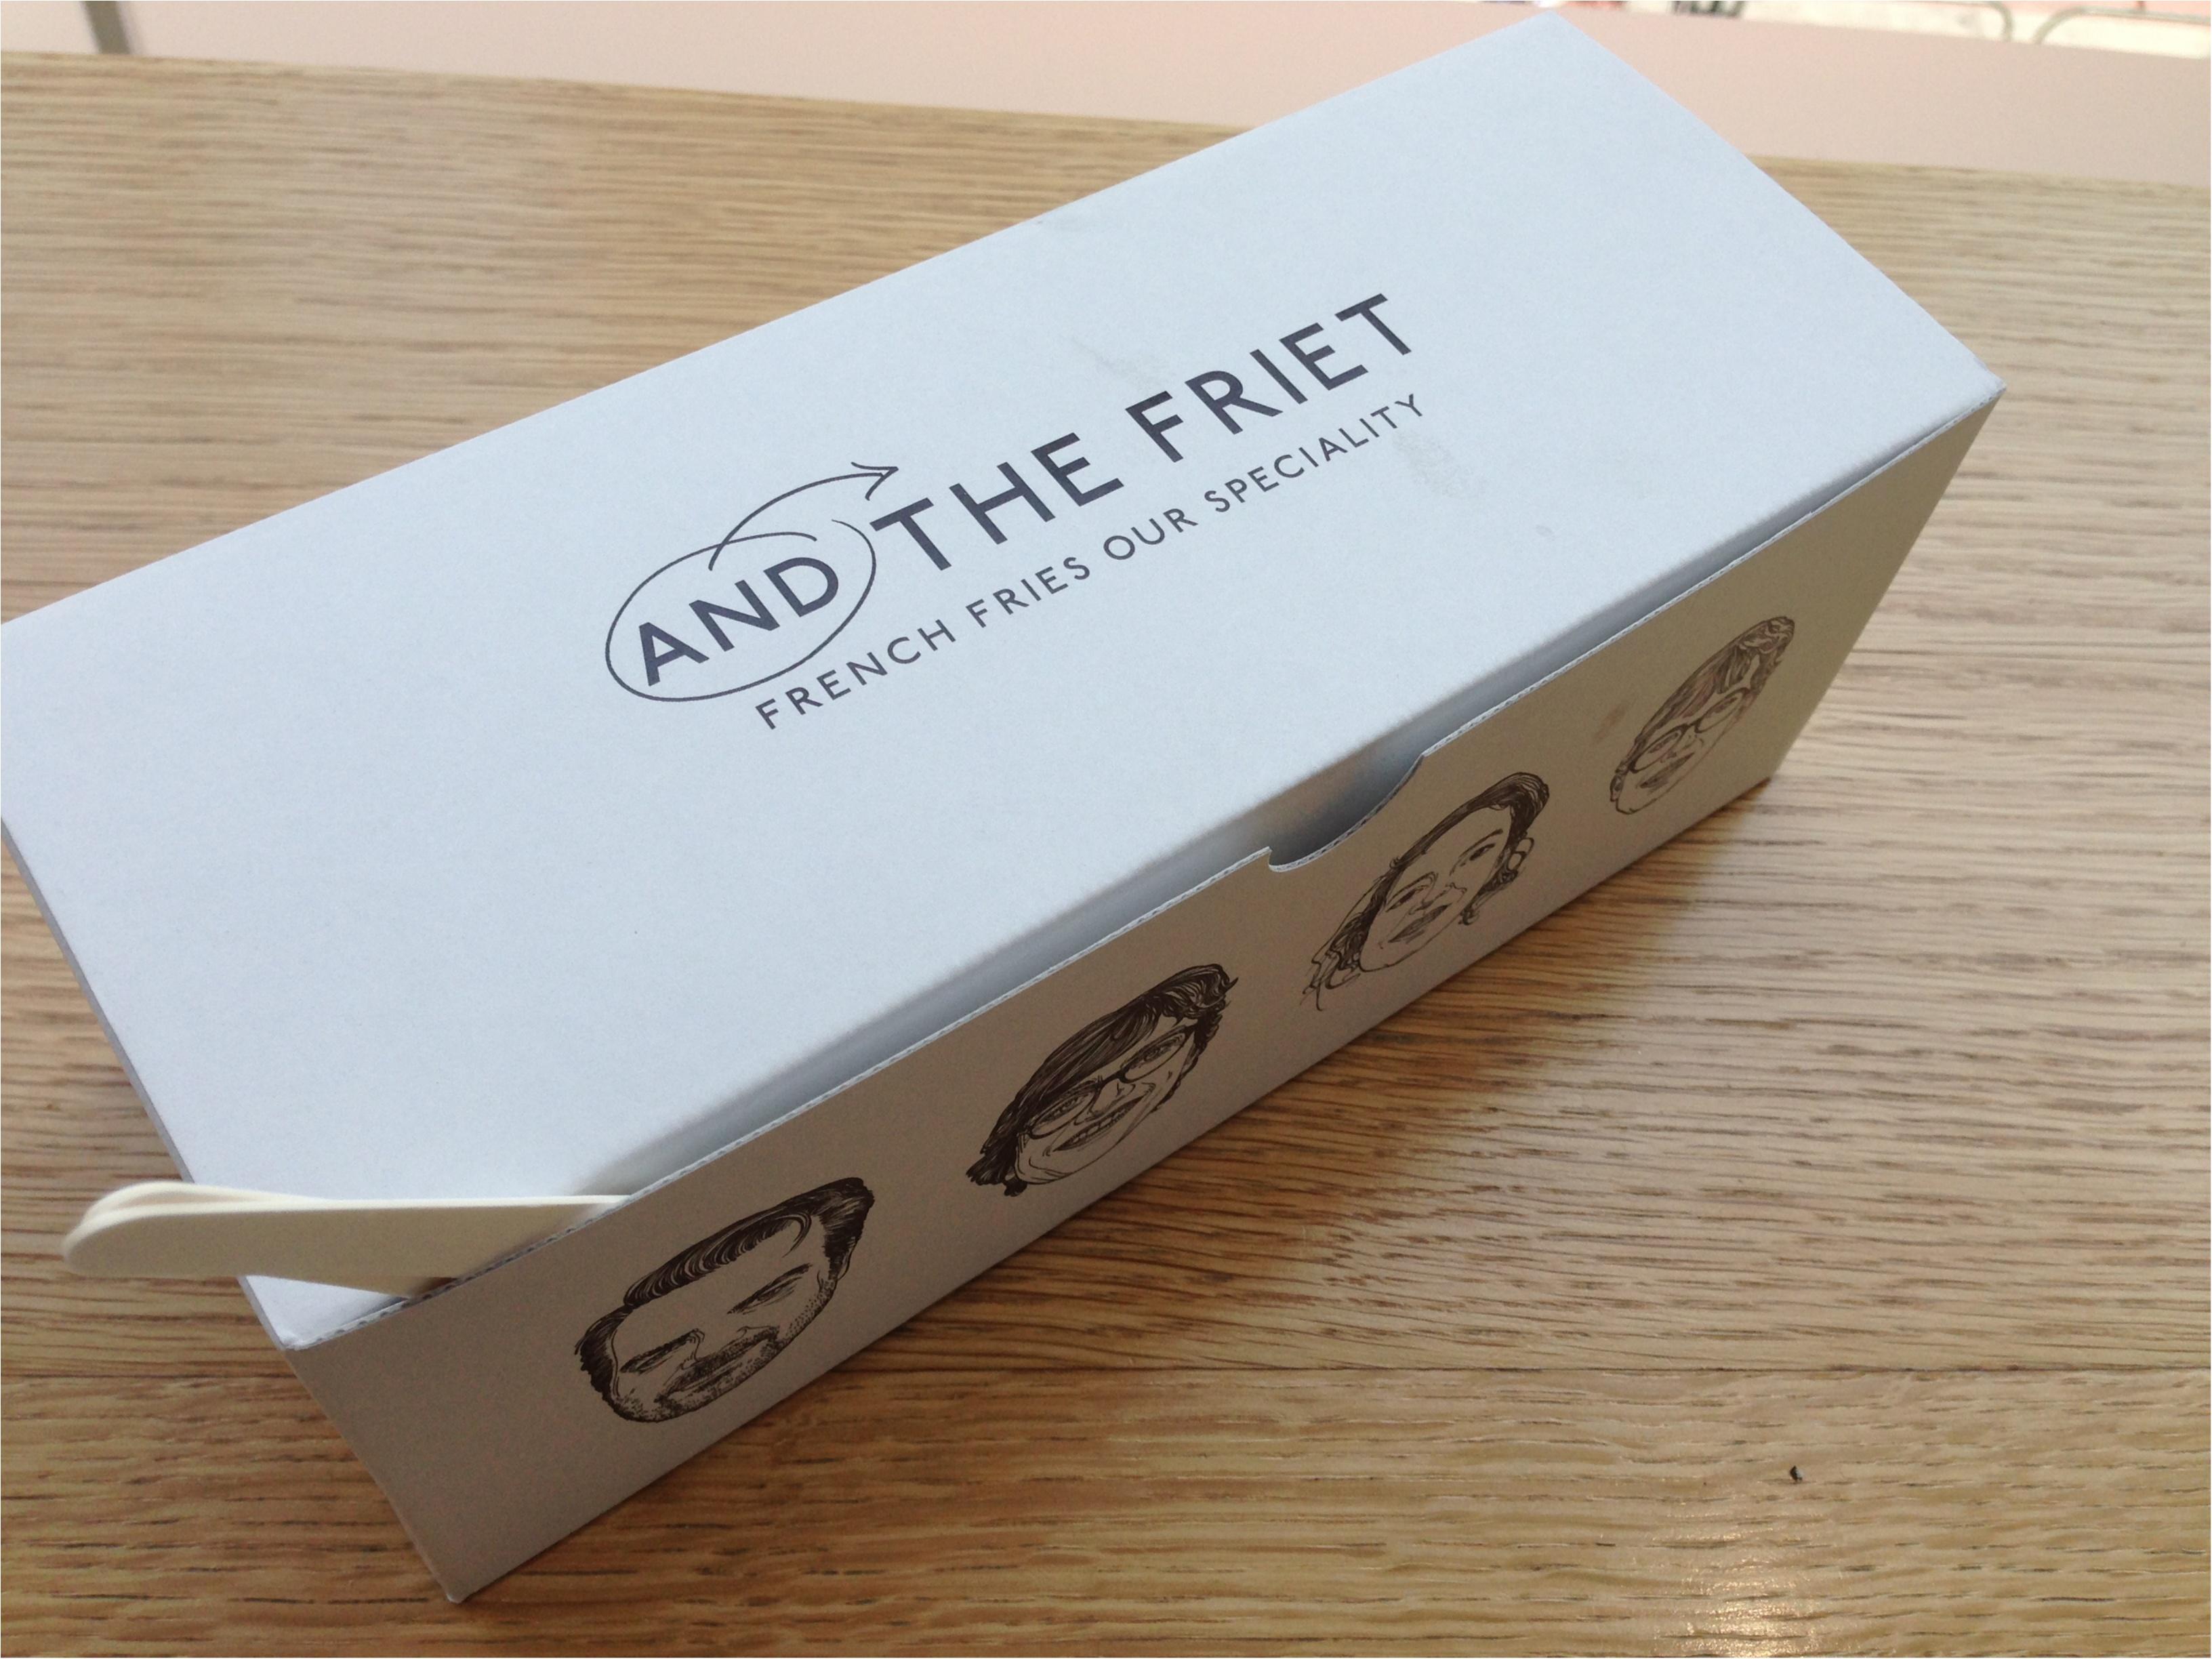 無性に食べたくなるフライドポテト(ノ∀`笑))そんな時は新感覚でリッチなフレンチフライ専門店AND THE FRIETへGO≡3_3